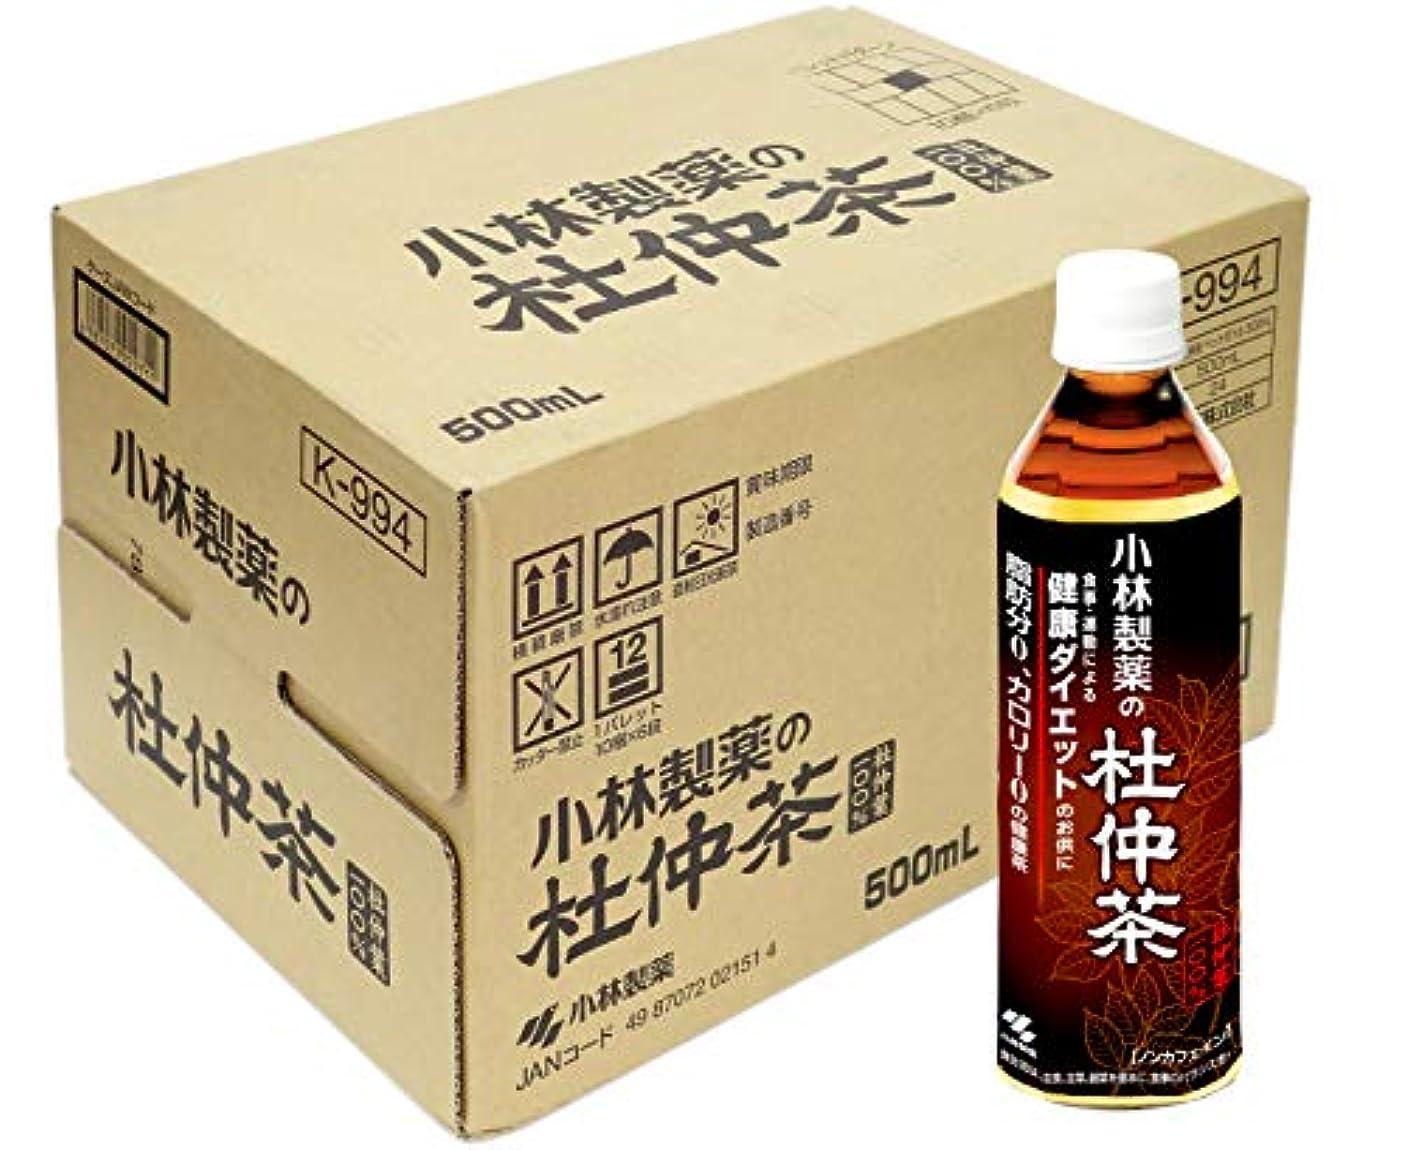 修士号起業家直面する【ケース販売】 小林製薬の杜仲茶 (ペットボトル) 500mL×24本